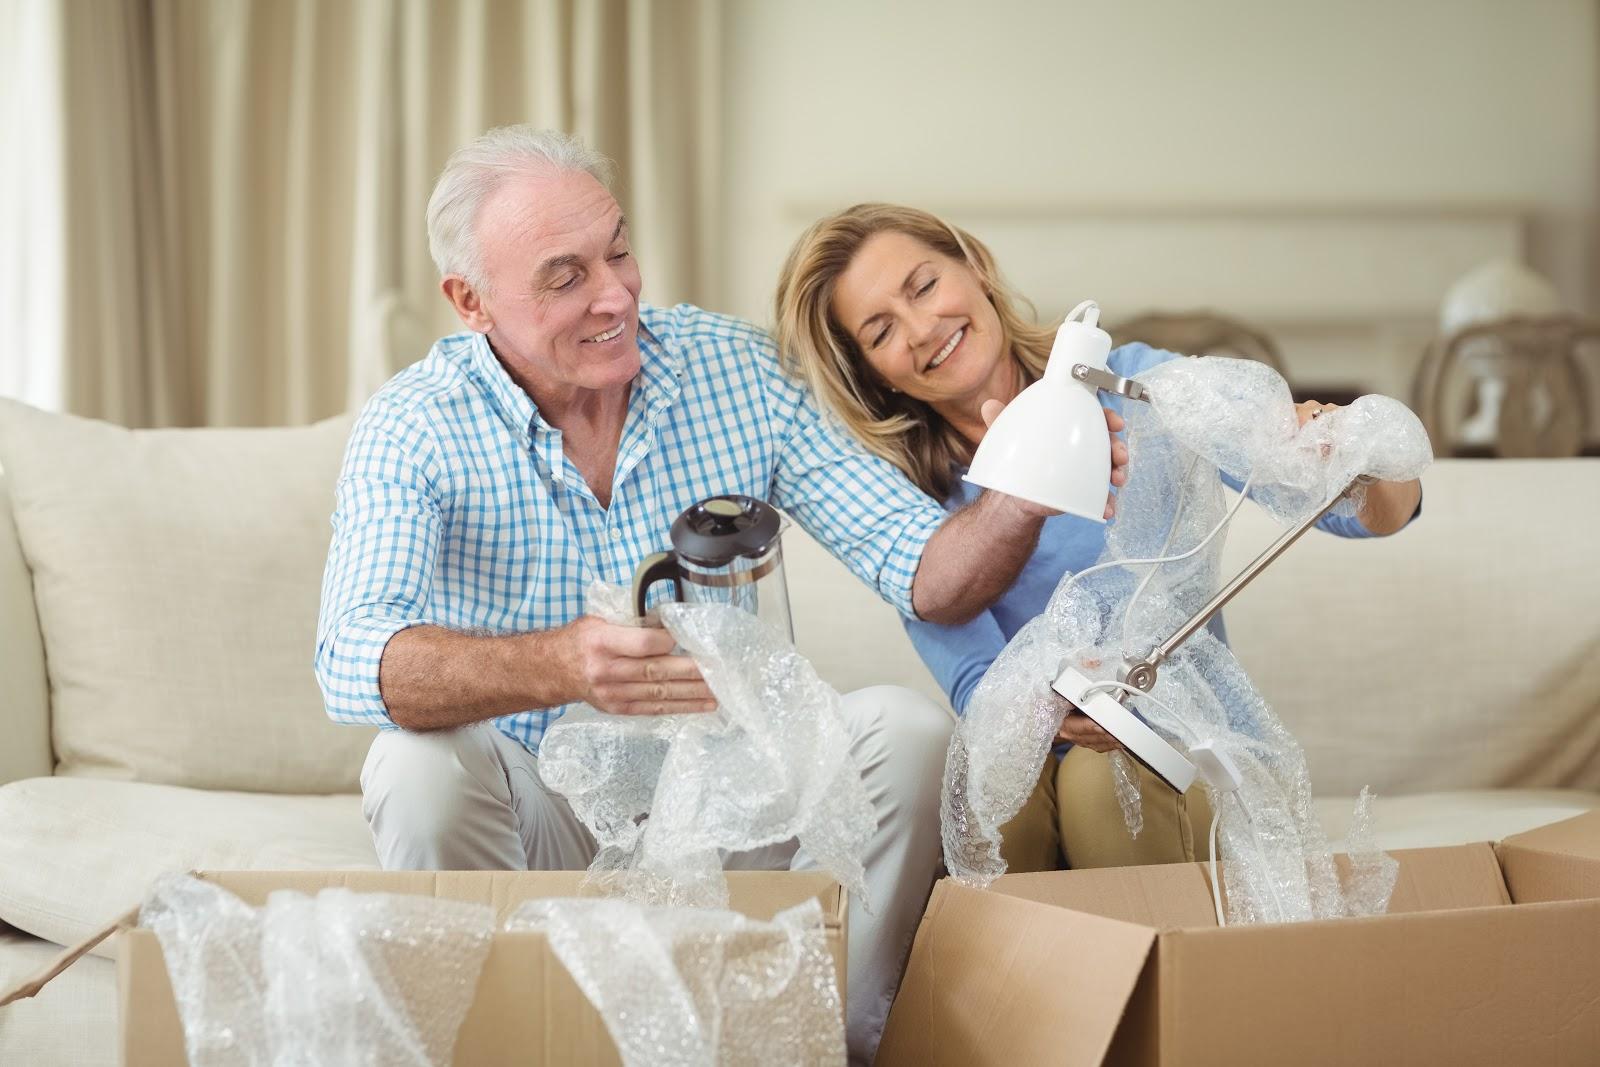 Um casal desempacotando peças em uma mudança residencial.